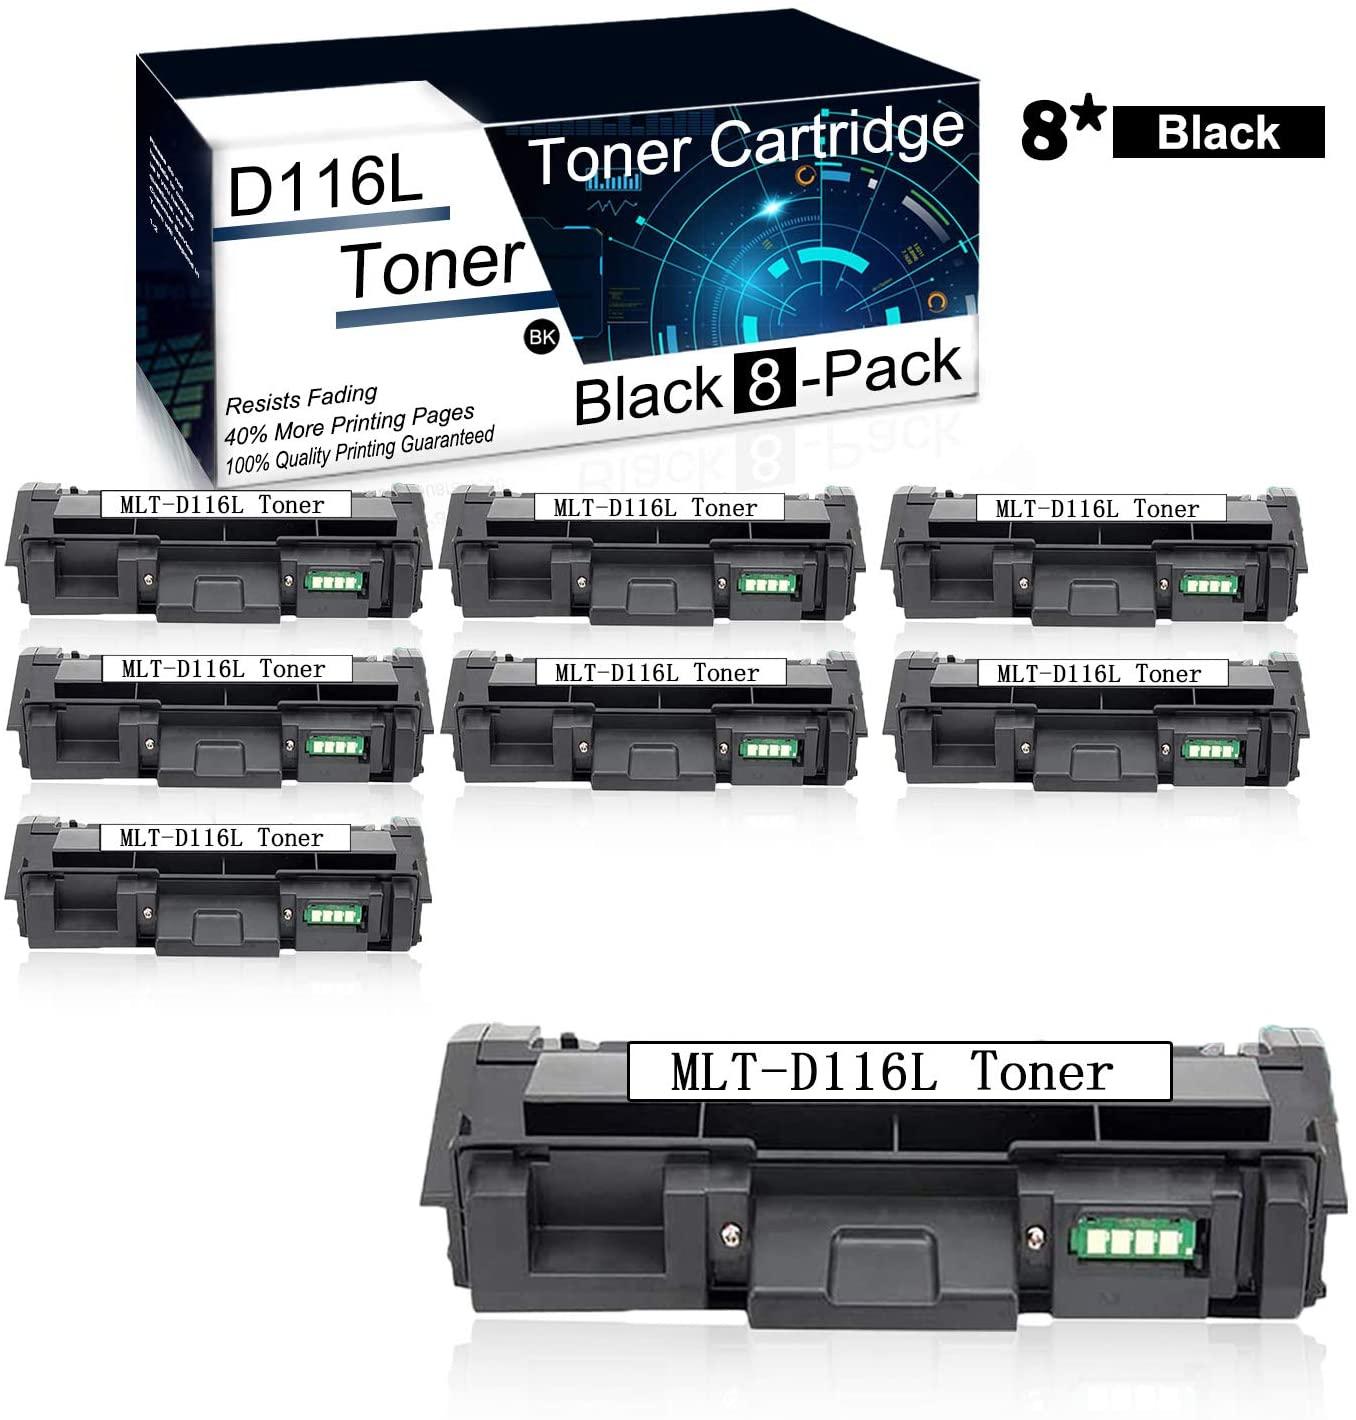 (8Pk,Black) Compatible MLT-D116L Toner Cartridge Used for Samsung Xpress M2825DW M2675FN M2676N M2676FH M2875FW M2625 M2625D M2876HN M288x Series M262x Series M267x Series Priners.